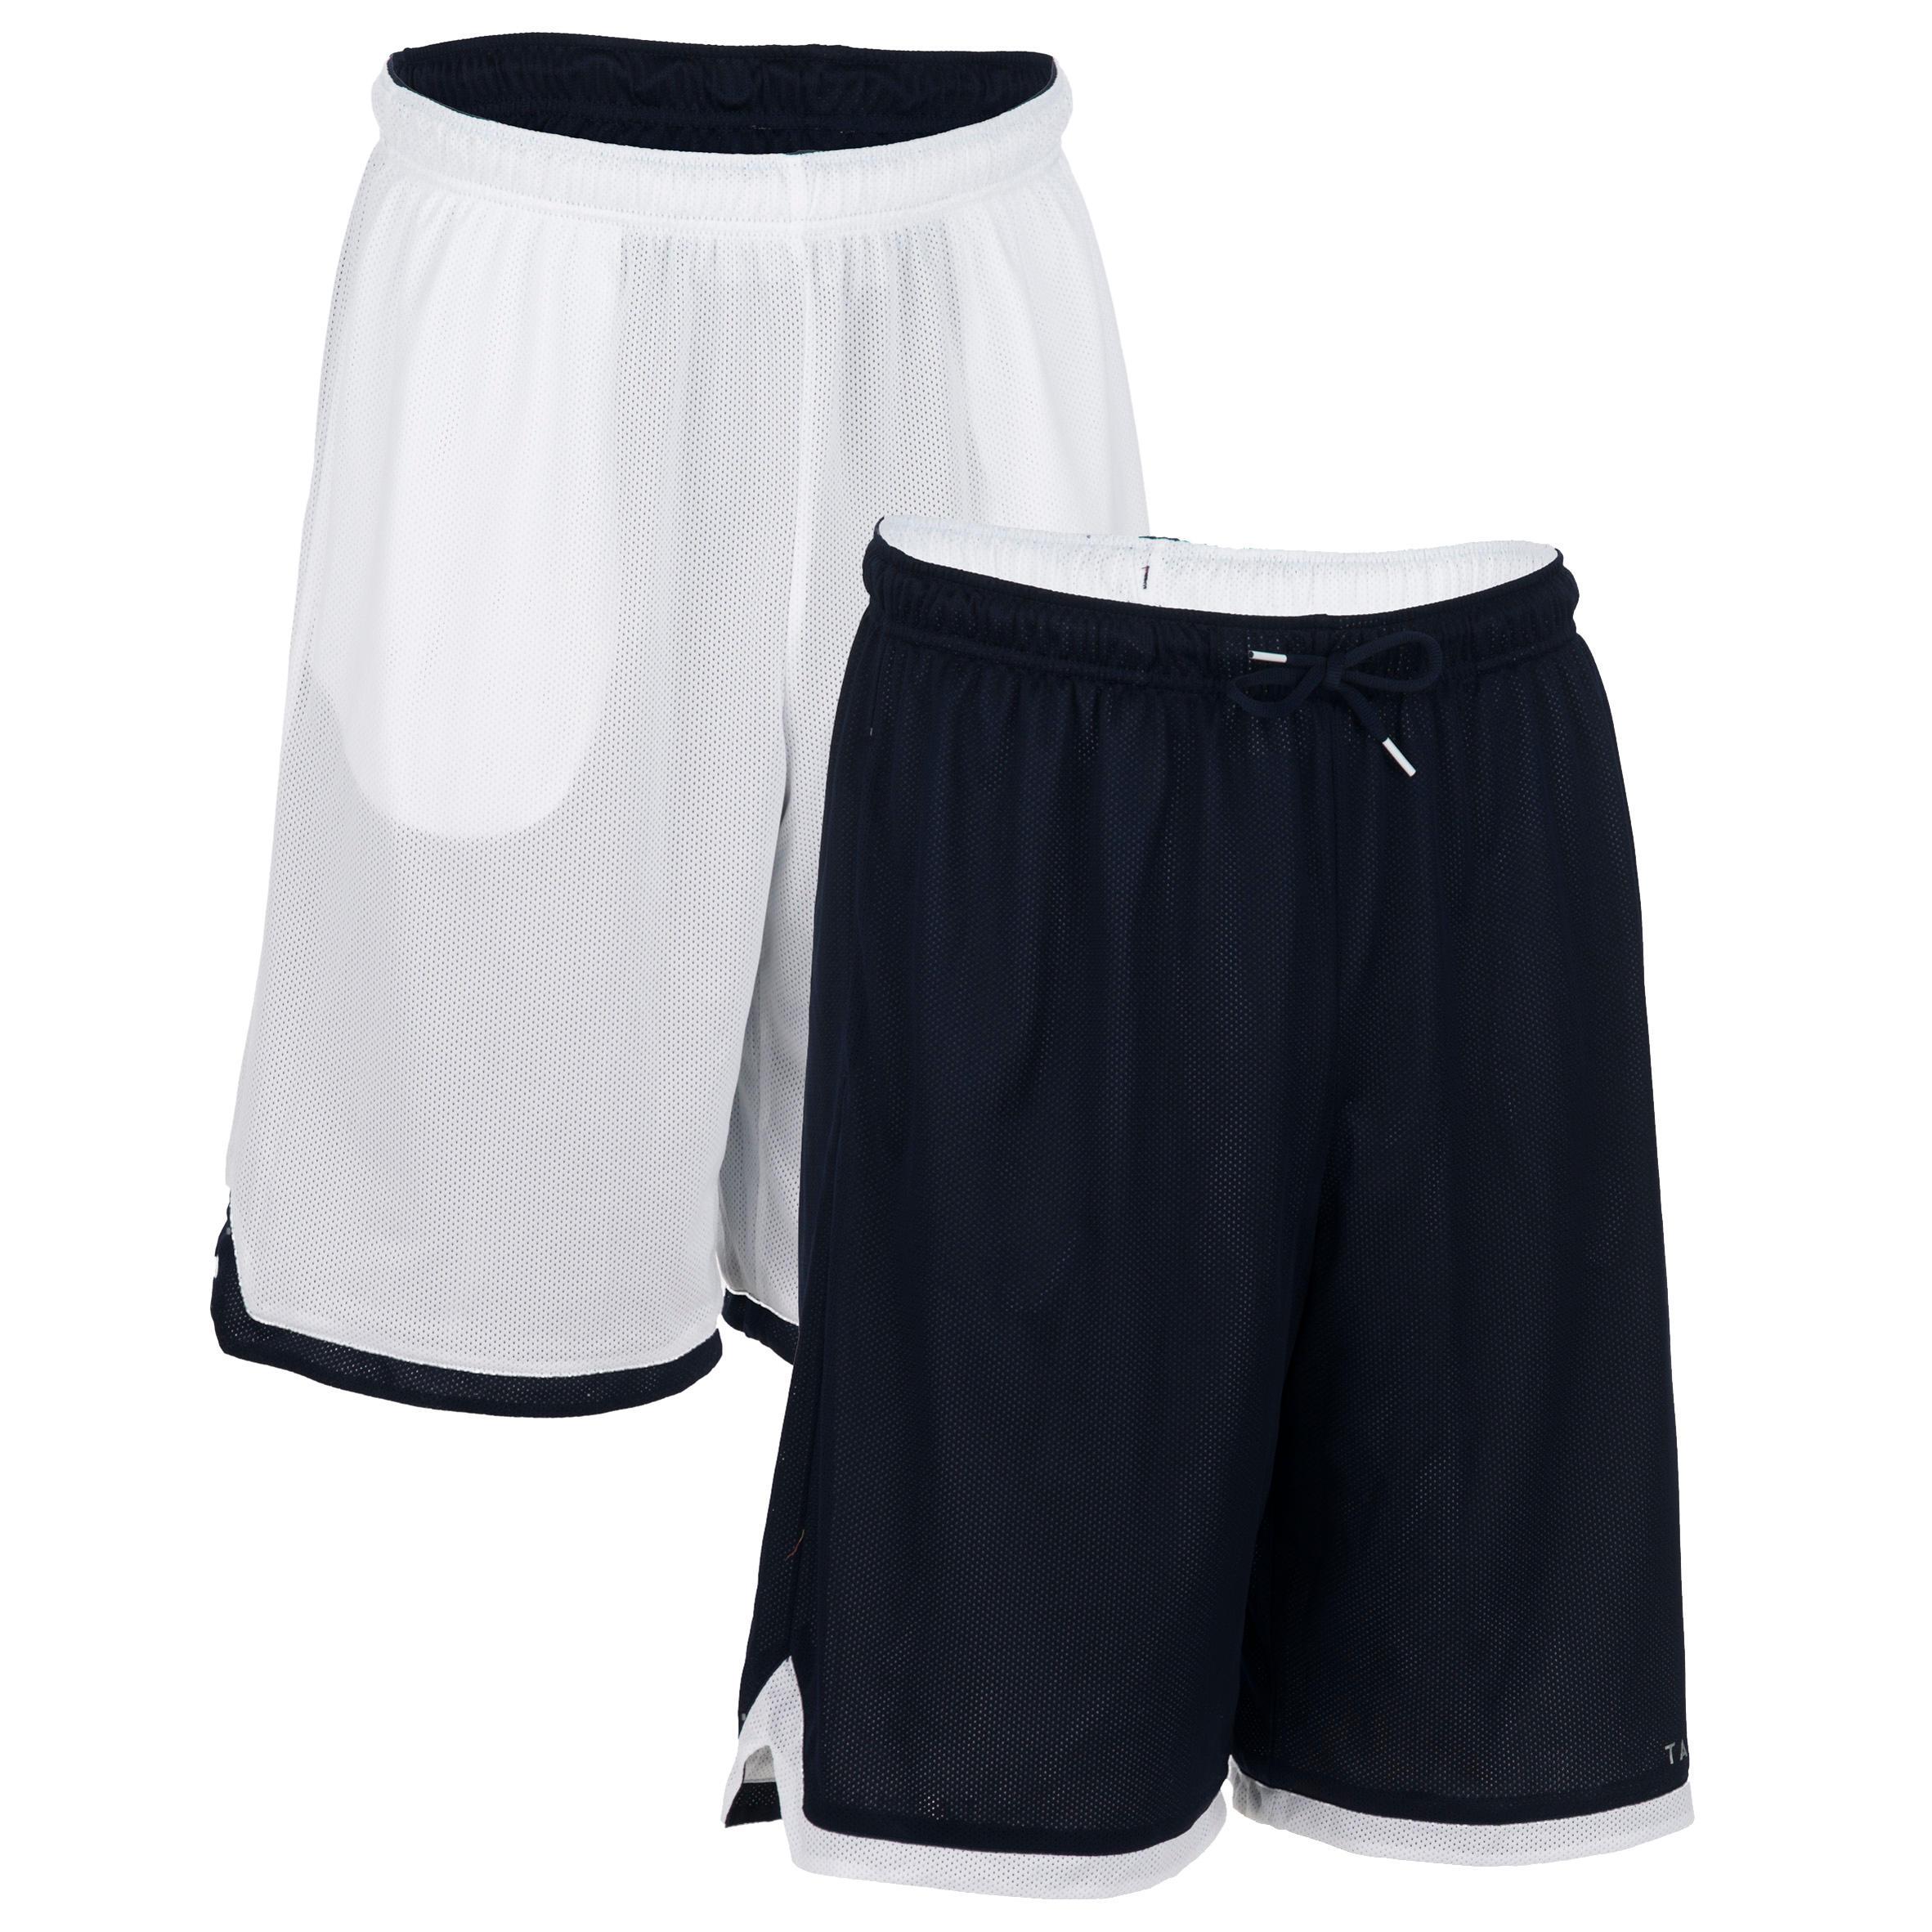 Reversible Beginner/Experienced Basketball Shorts - Black/White